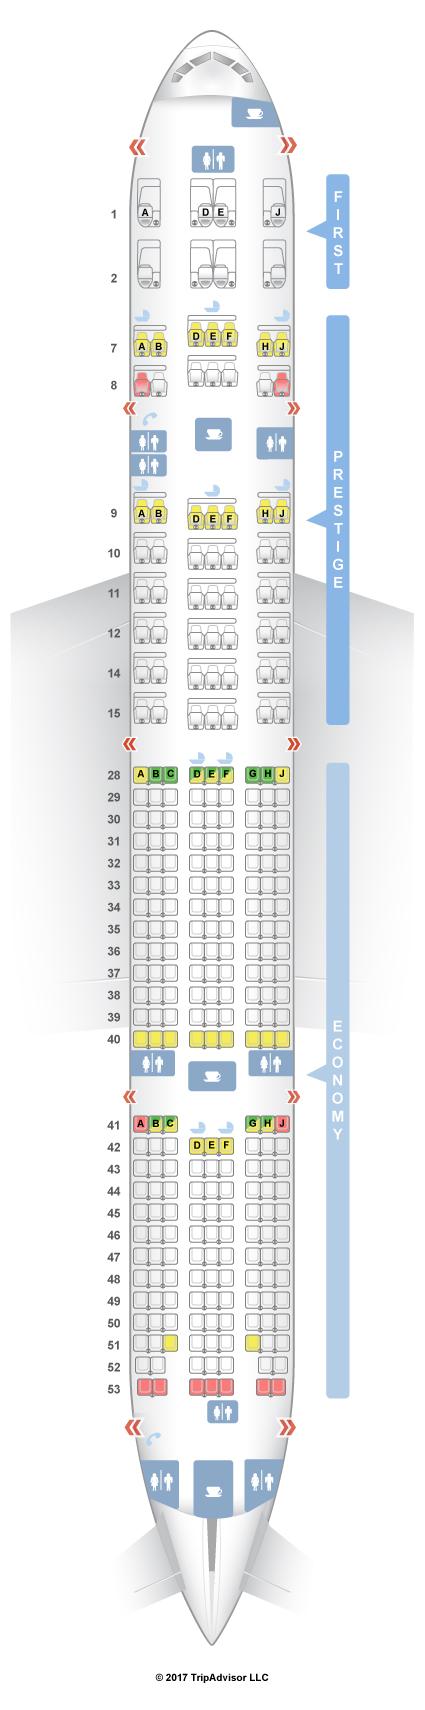 Boeing 777 300Er Seat Map SeatGuru Seat Map Korean Air Boeing 777 300ER (77W) V2 Boeing 777 300Er Seat Map